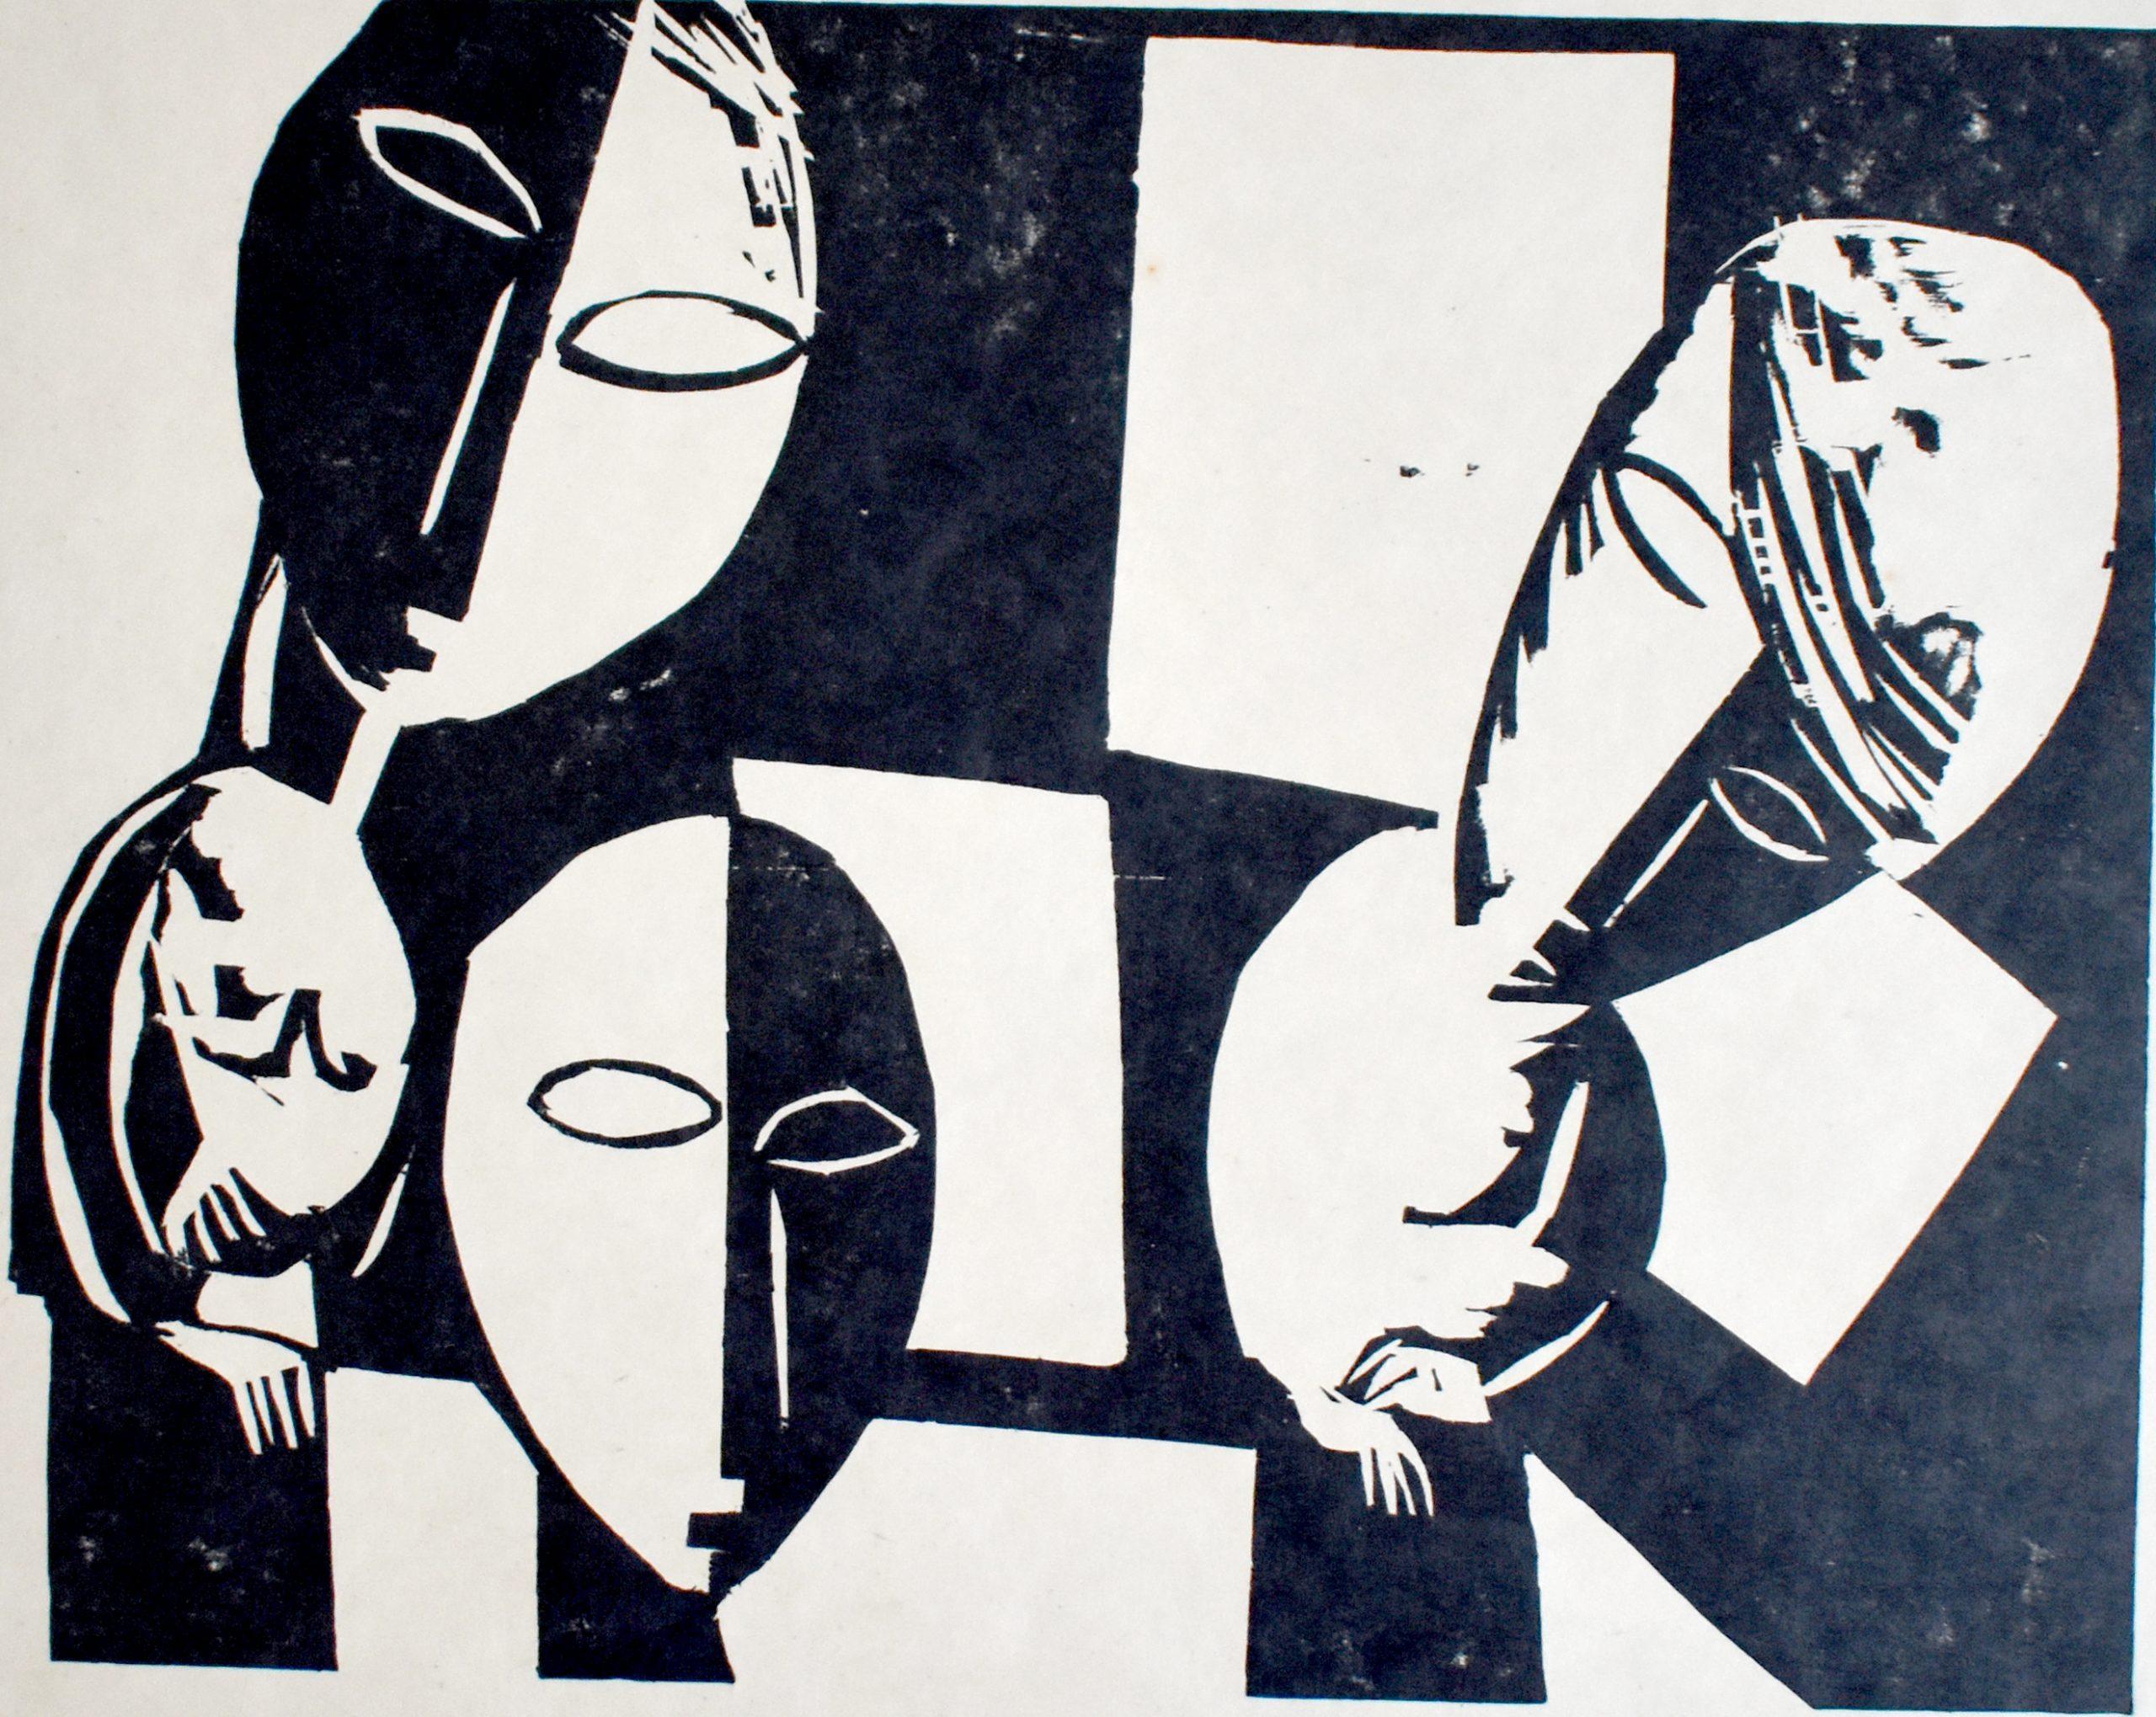 Wandering Women II | Irrende Frauen II, 1920 by Lasar Segall